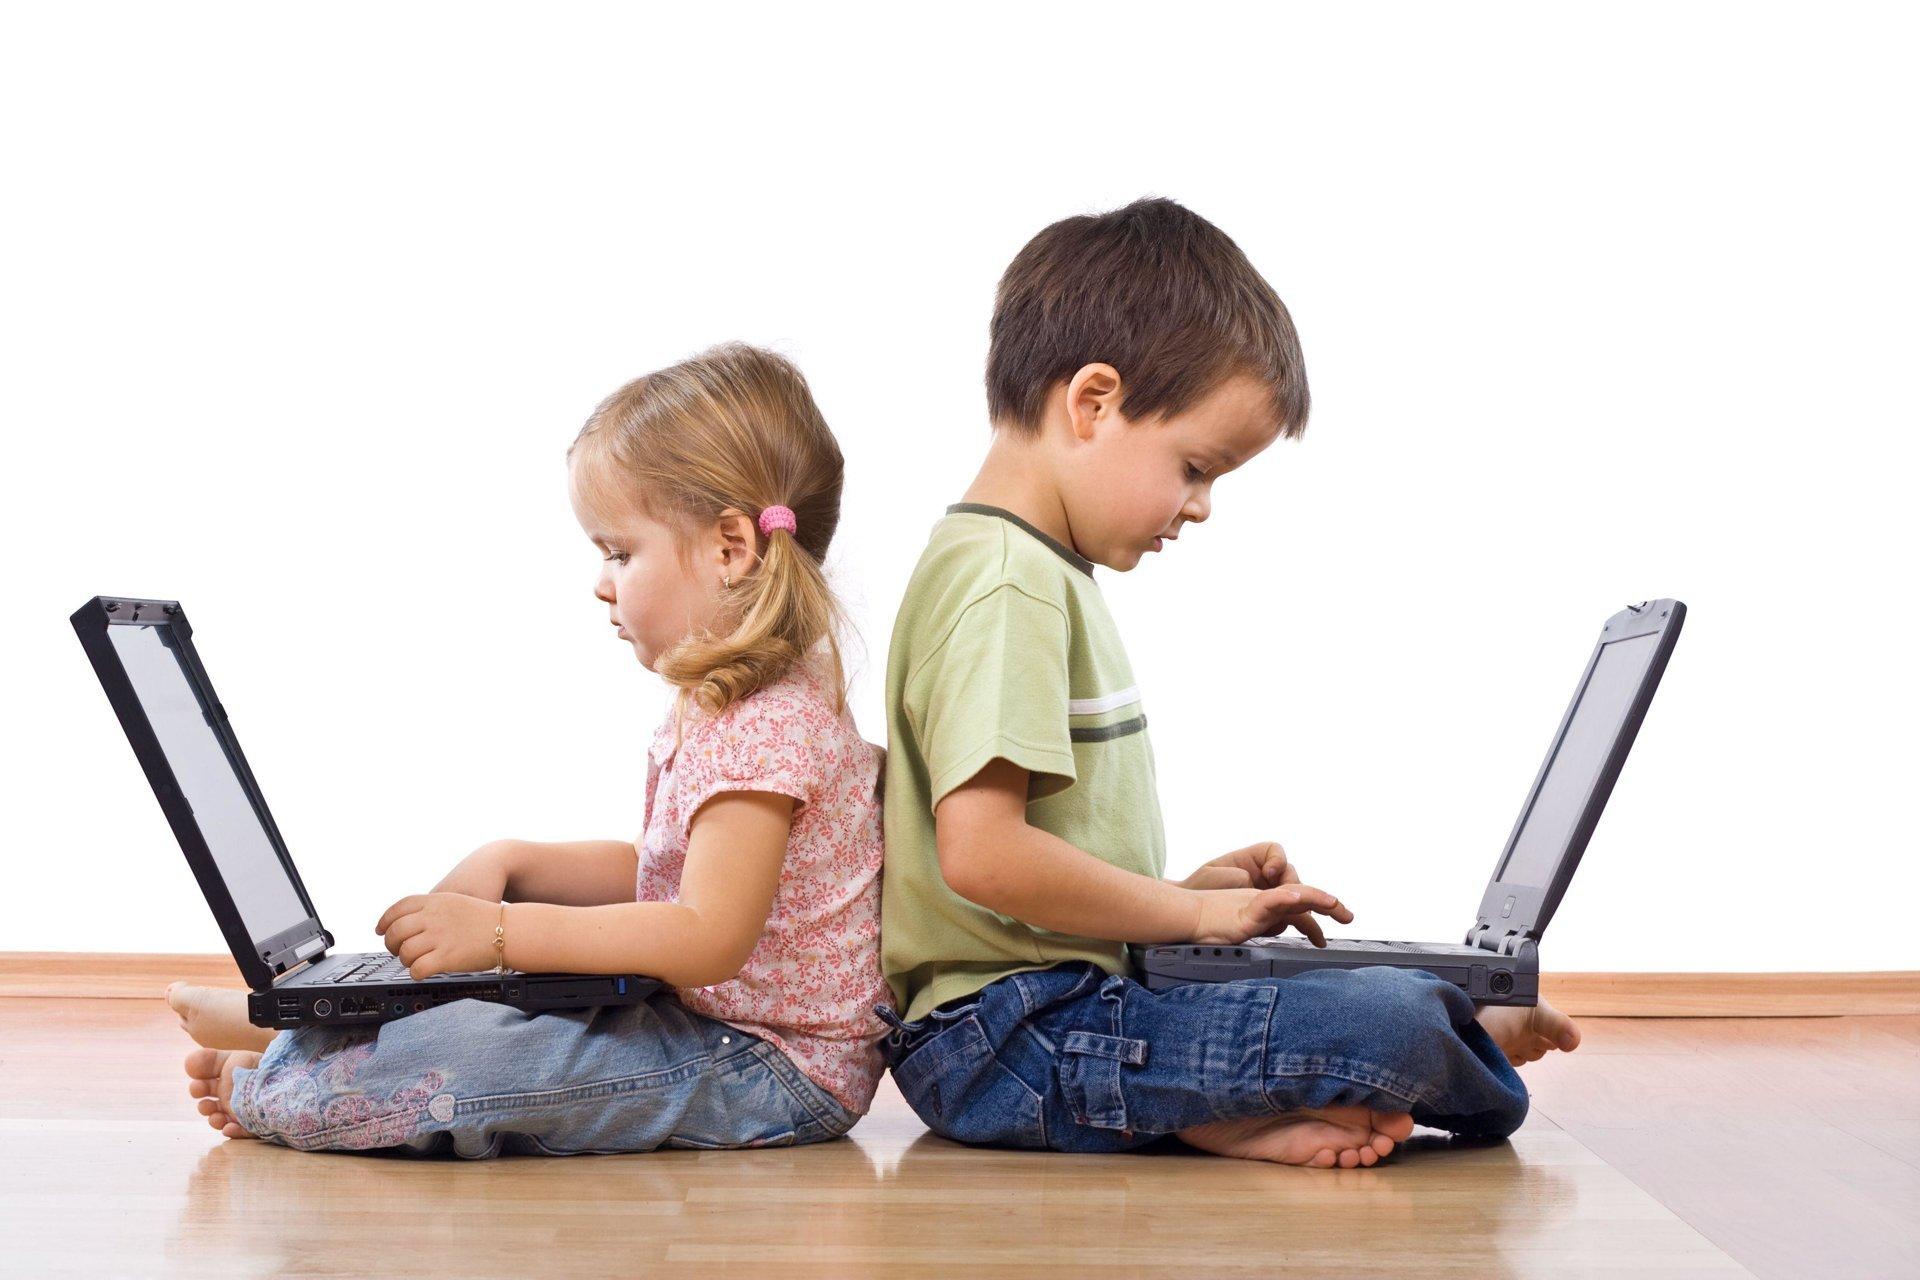 Картинки для детей играть в компьютере, картинка